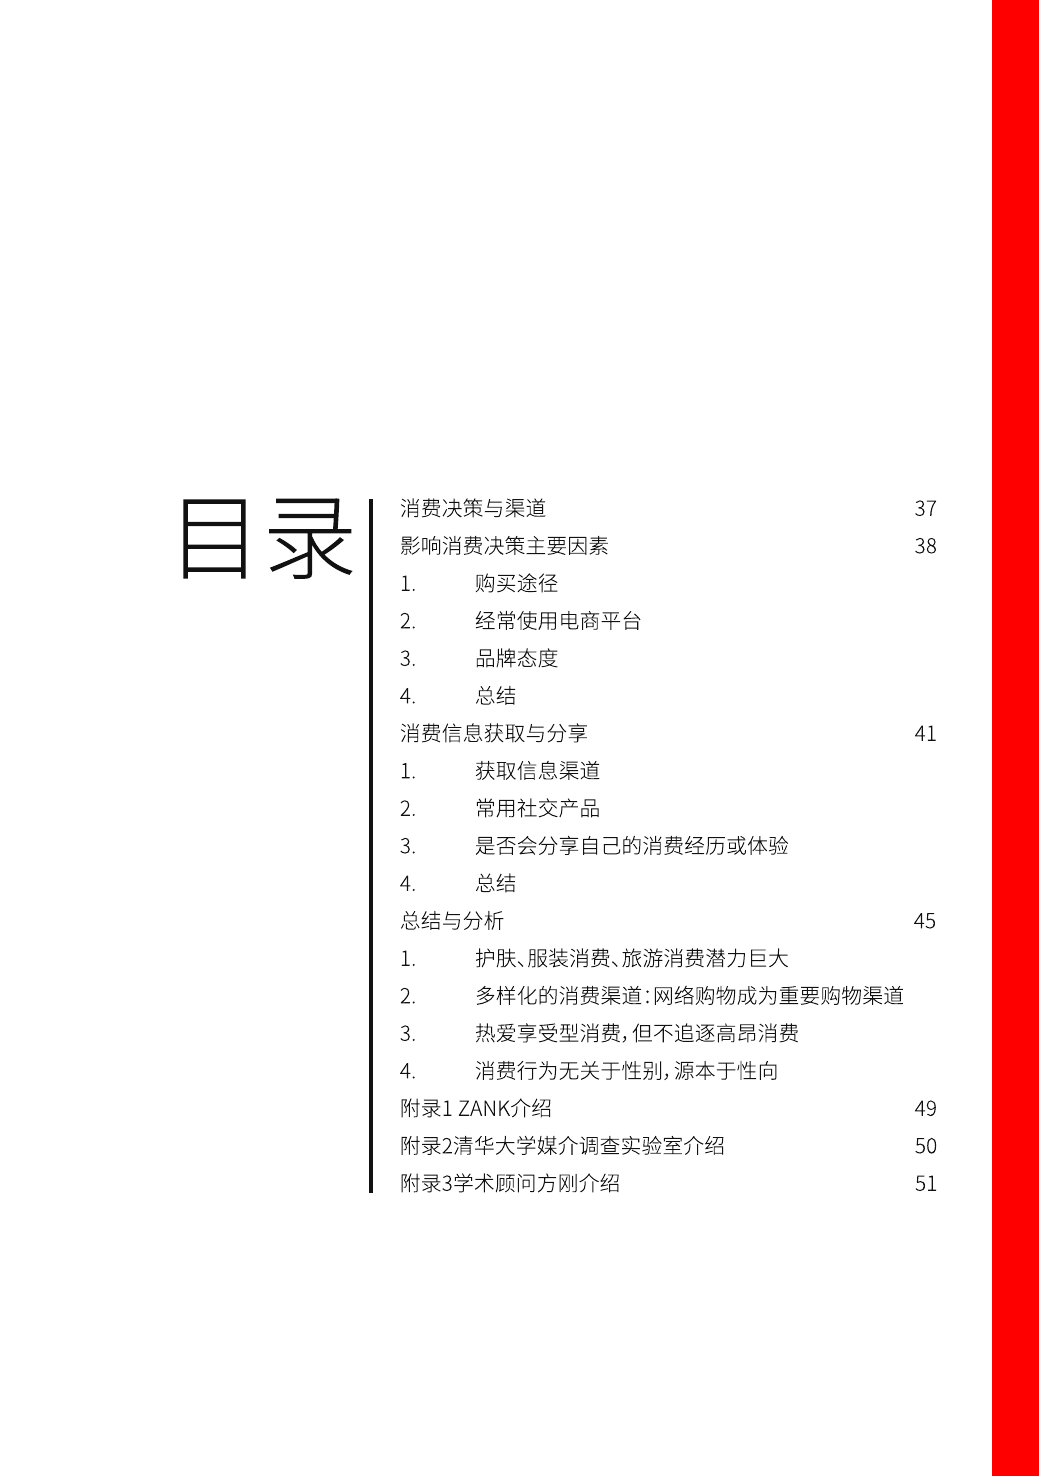 第二届中国LGBT群体消费调查报告_000005